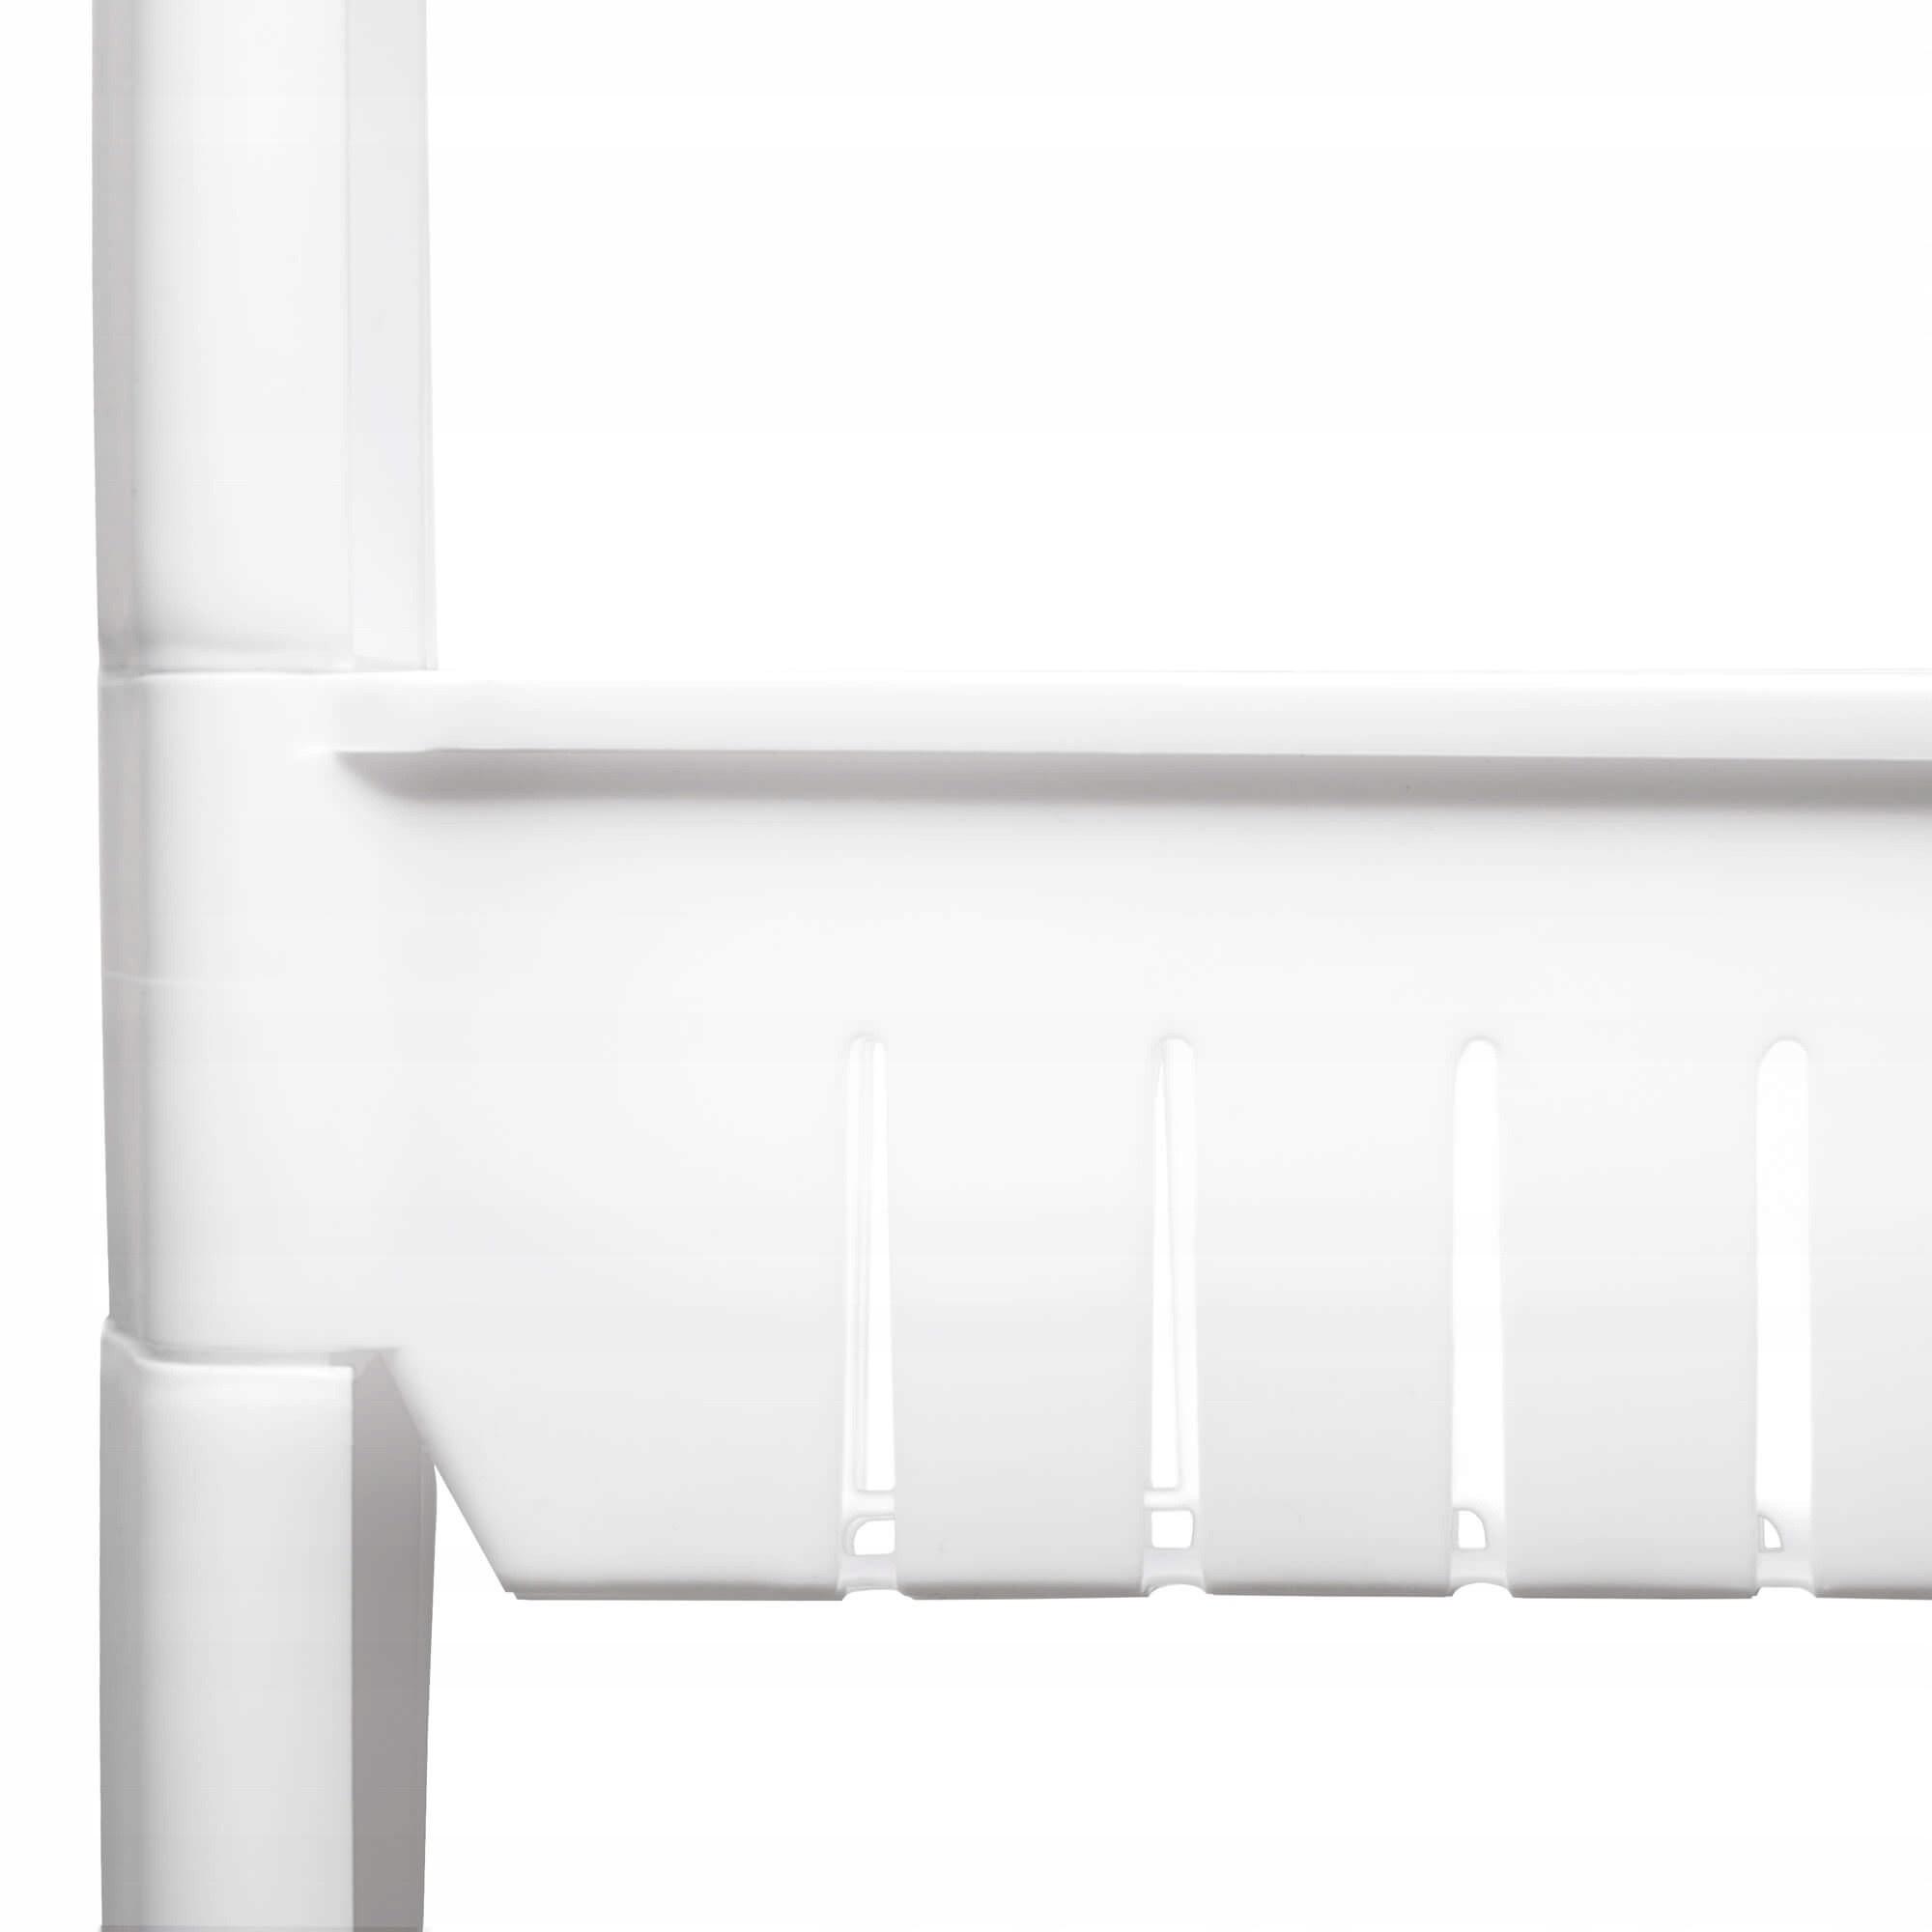 mobilný kúpeľňový stojan biely 4 poschodia 101x54x12cm s kolieskami megamix.sk